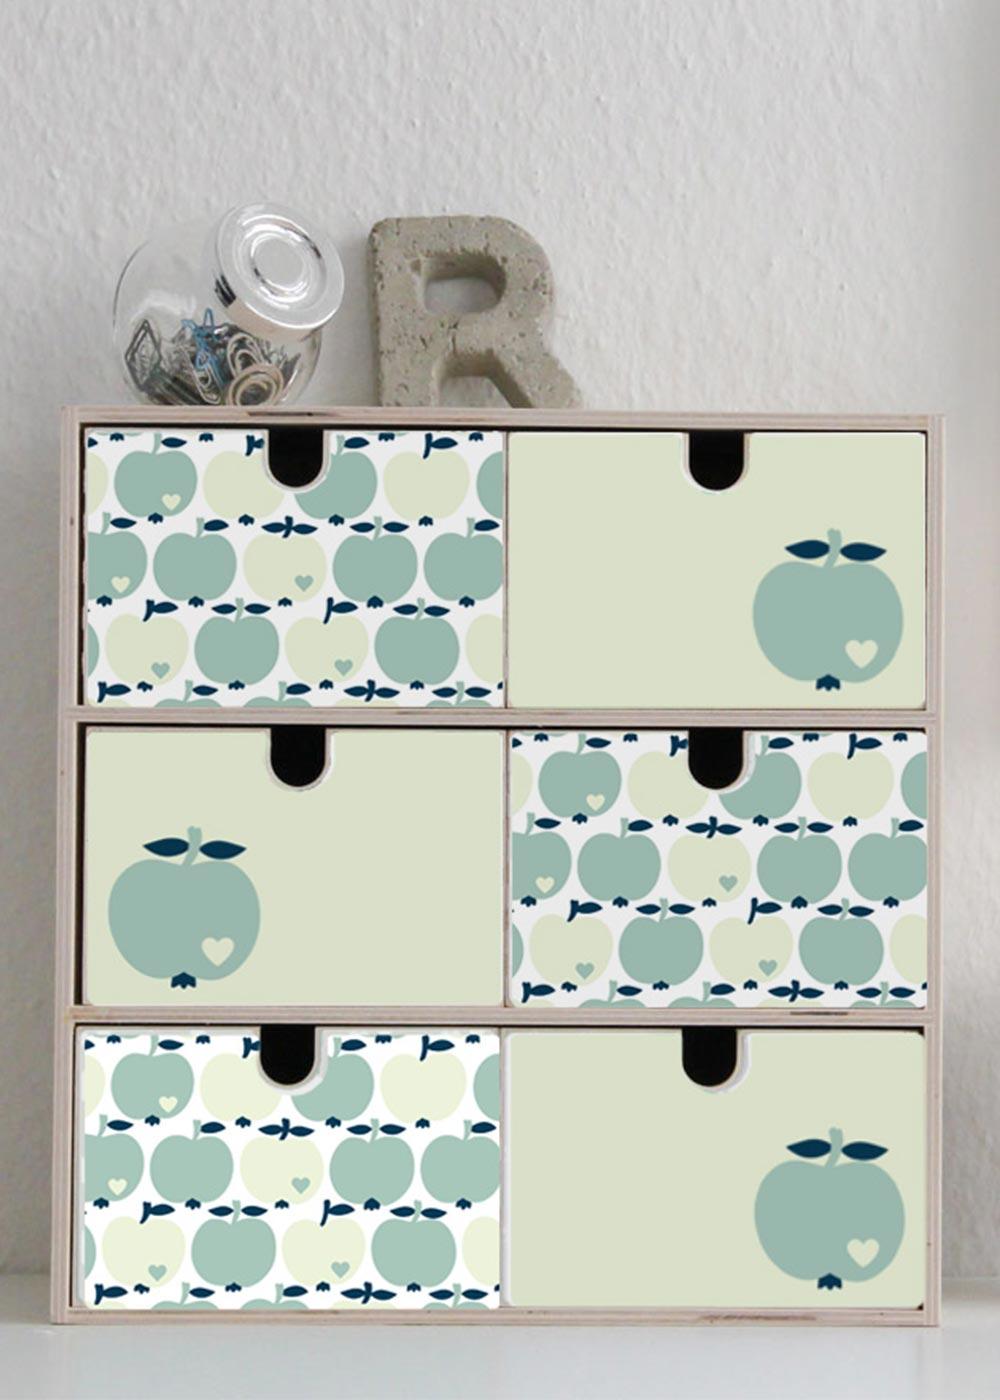 Klebefolie Mini Moppe IKEA By Graziela Apfel mint